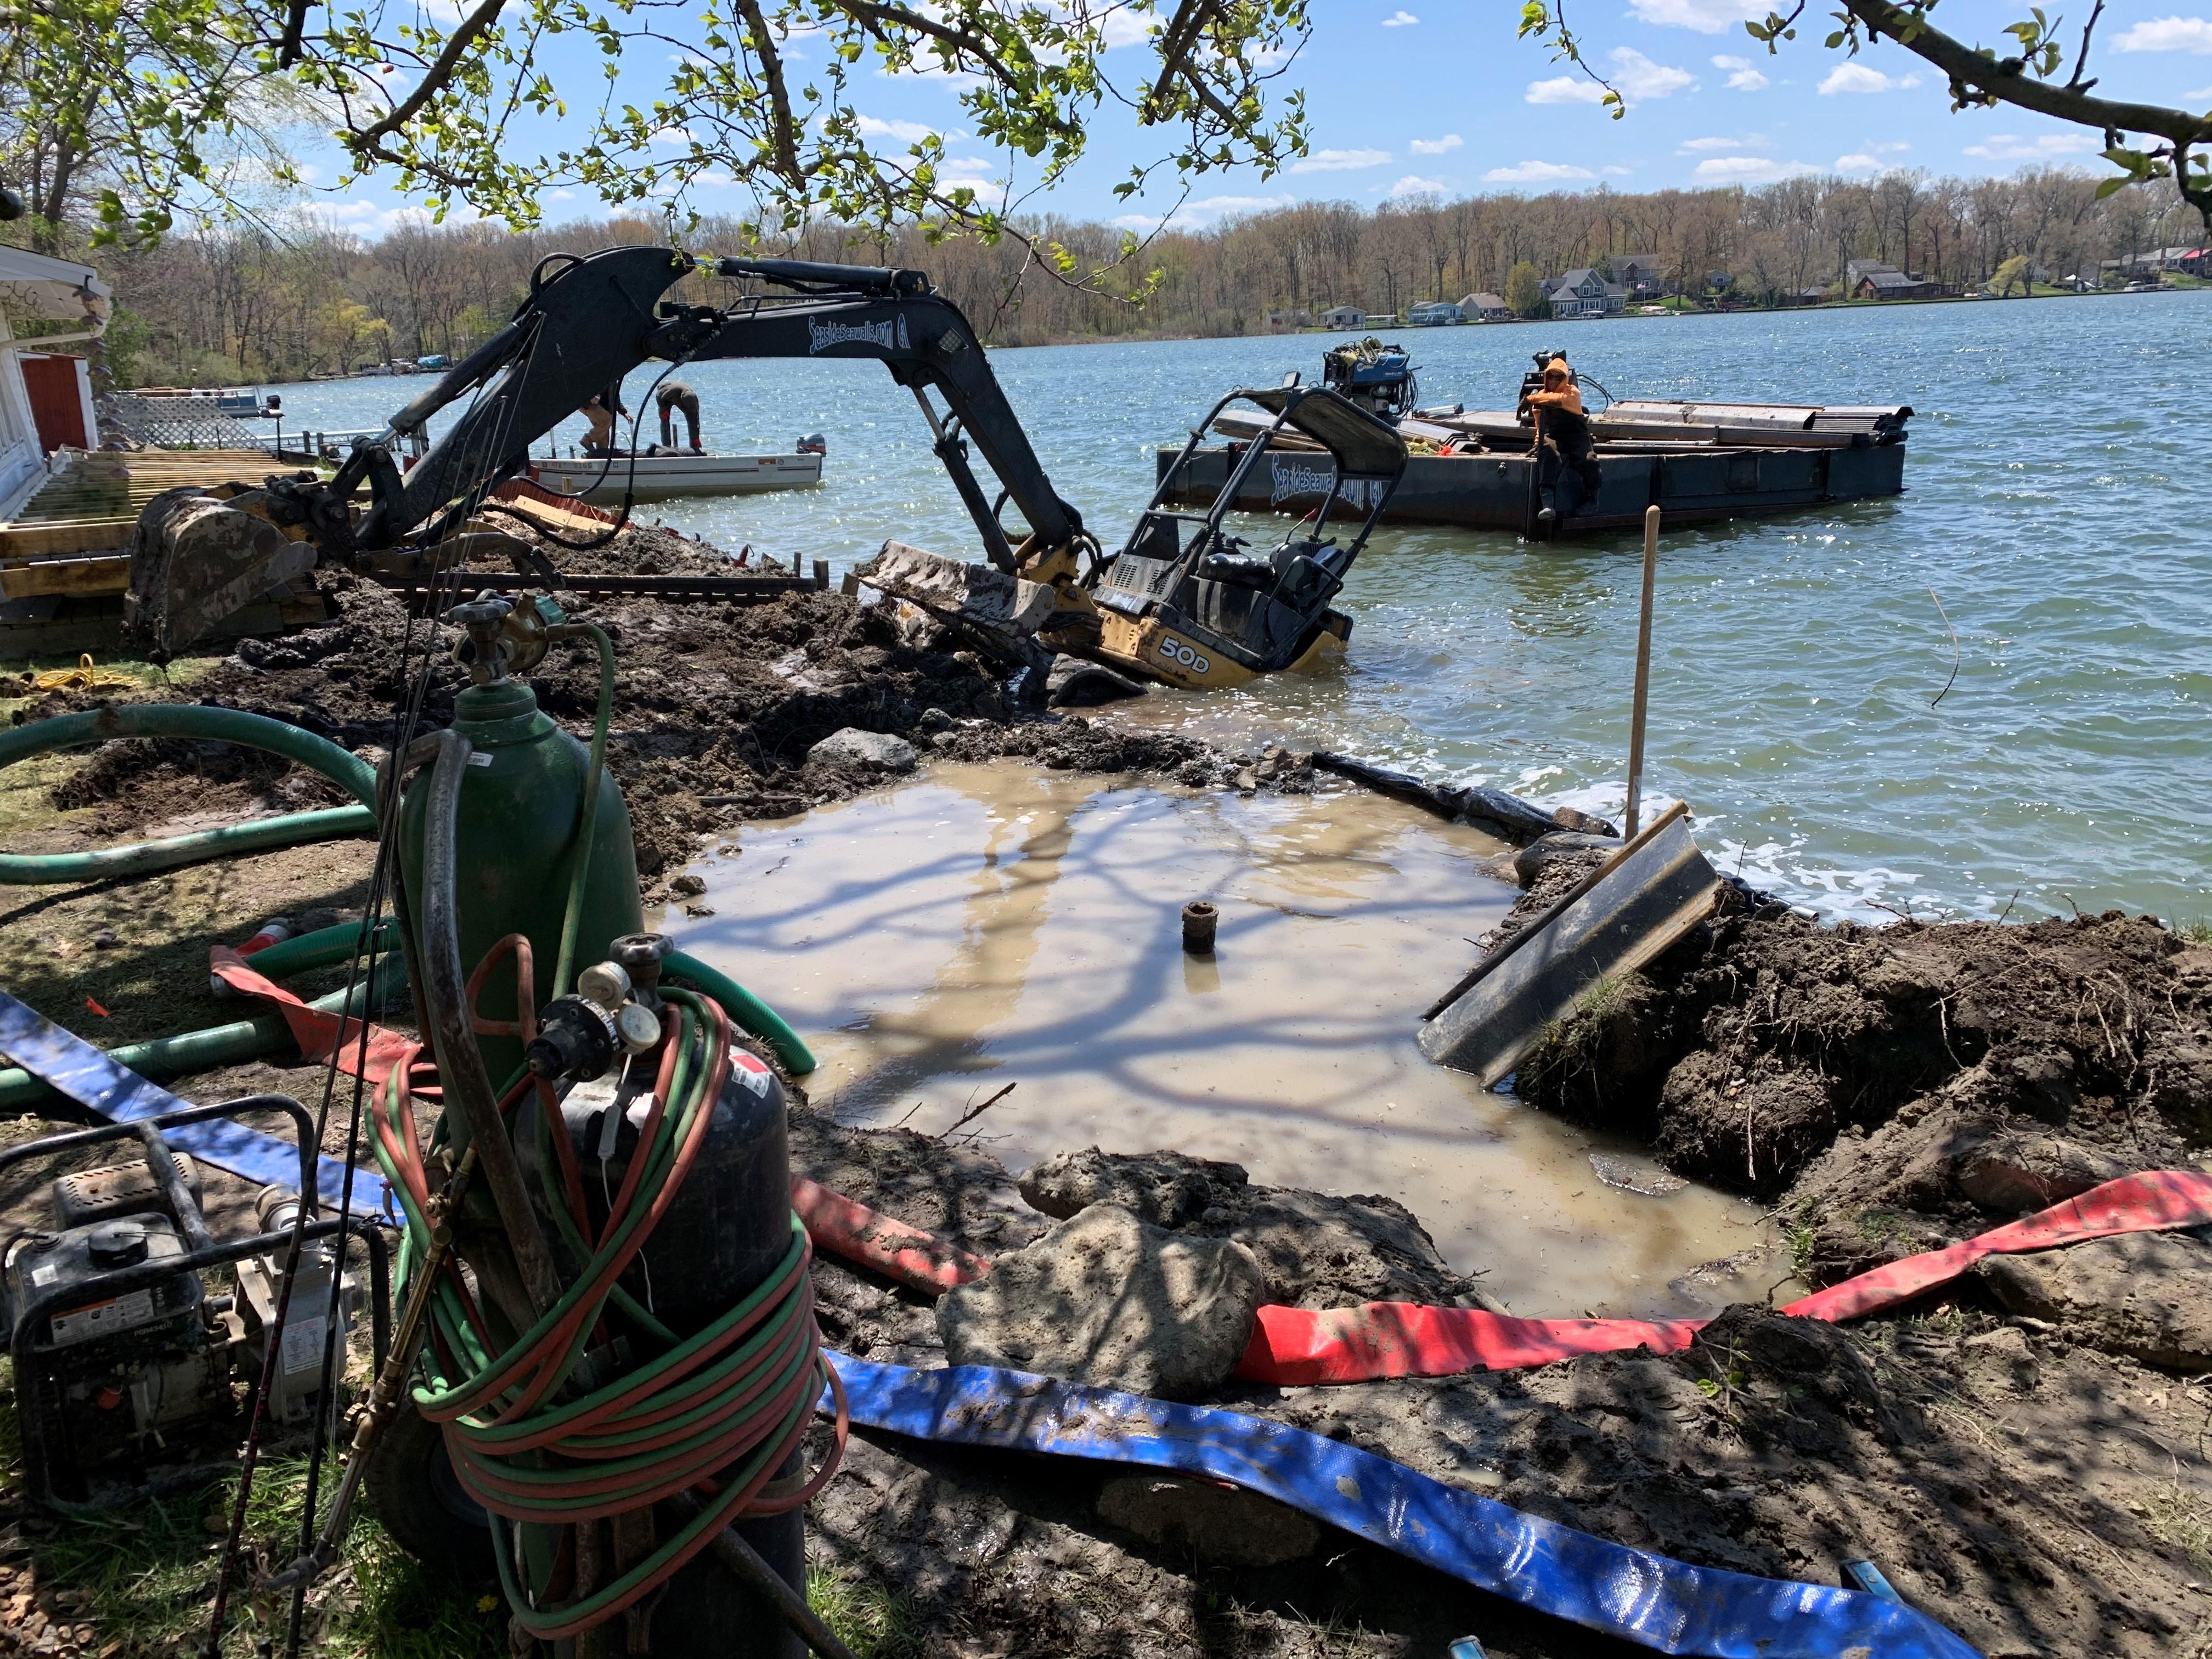 Contractor Working On Lobdell Lake Seawall In Genesee County Spills 800 Gallons Of Raw Sewage Mlive Com Dit is een aluminium kentekenplaat met een gelaagd decal gehecht aan de plaat zoals afgebeeld. contractor working on lobdell lake